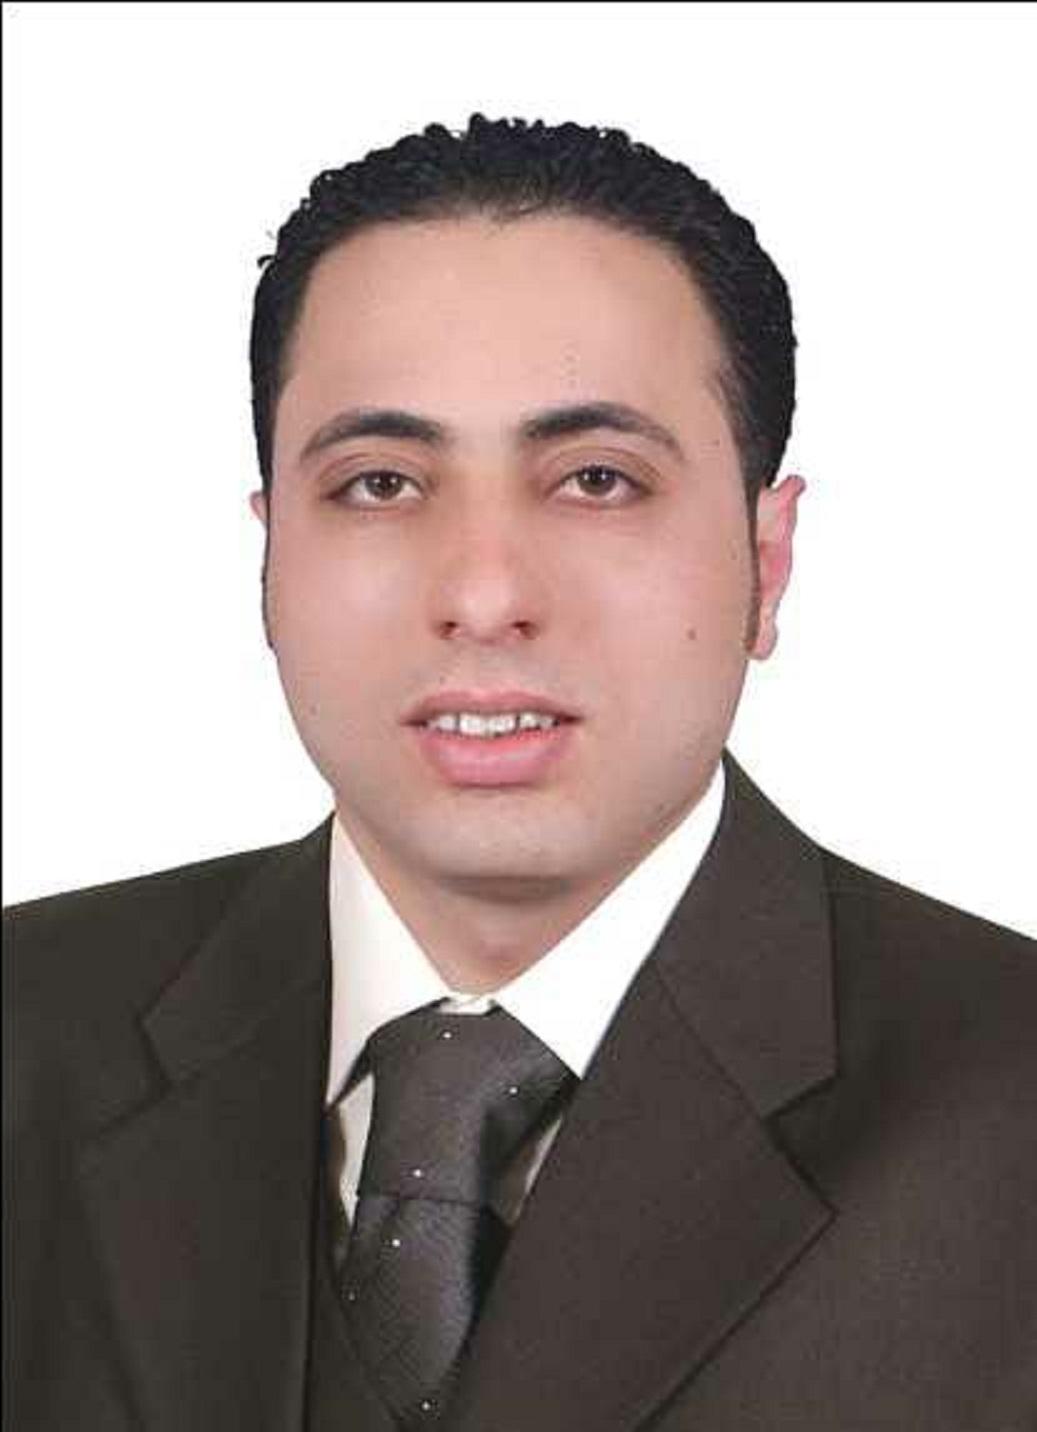 مصطفى عبد الغنى الششتاوى